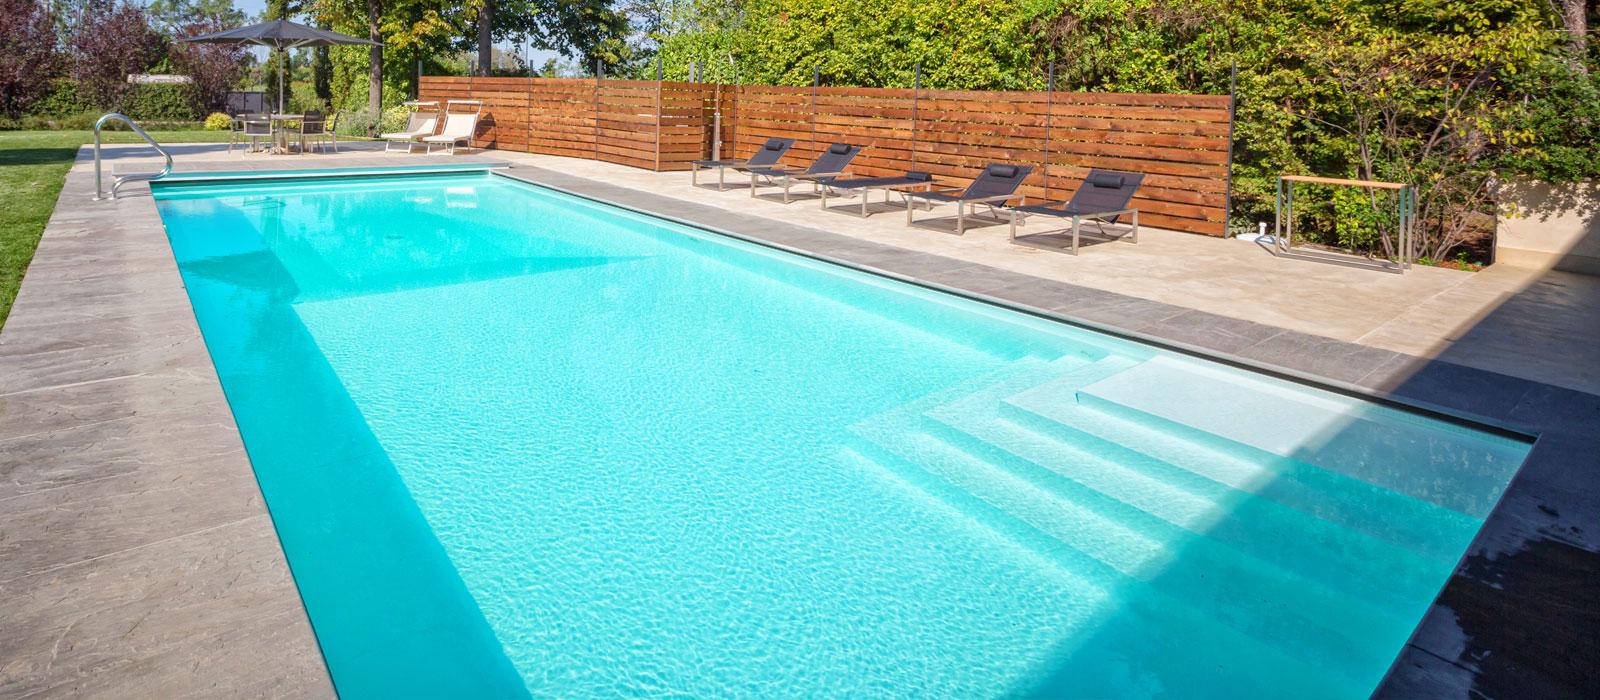 Piscine castiglione costruzione piscine interrate dal 1961 for Immagini piscine design